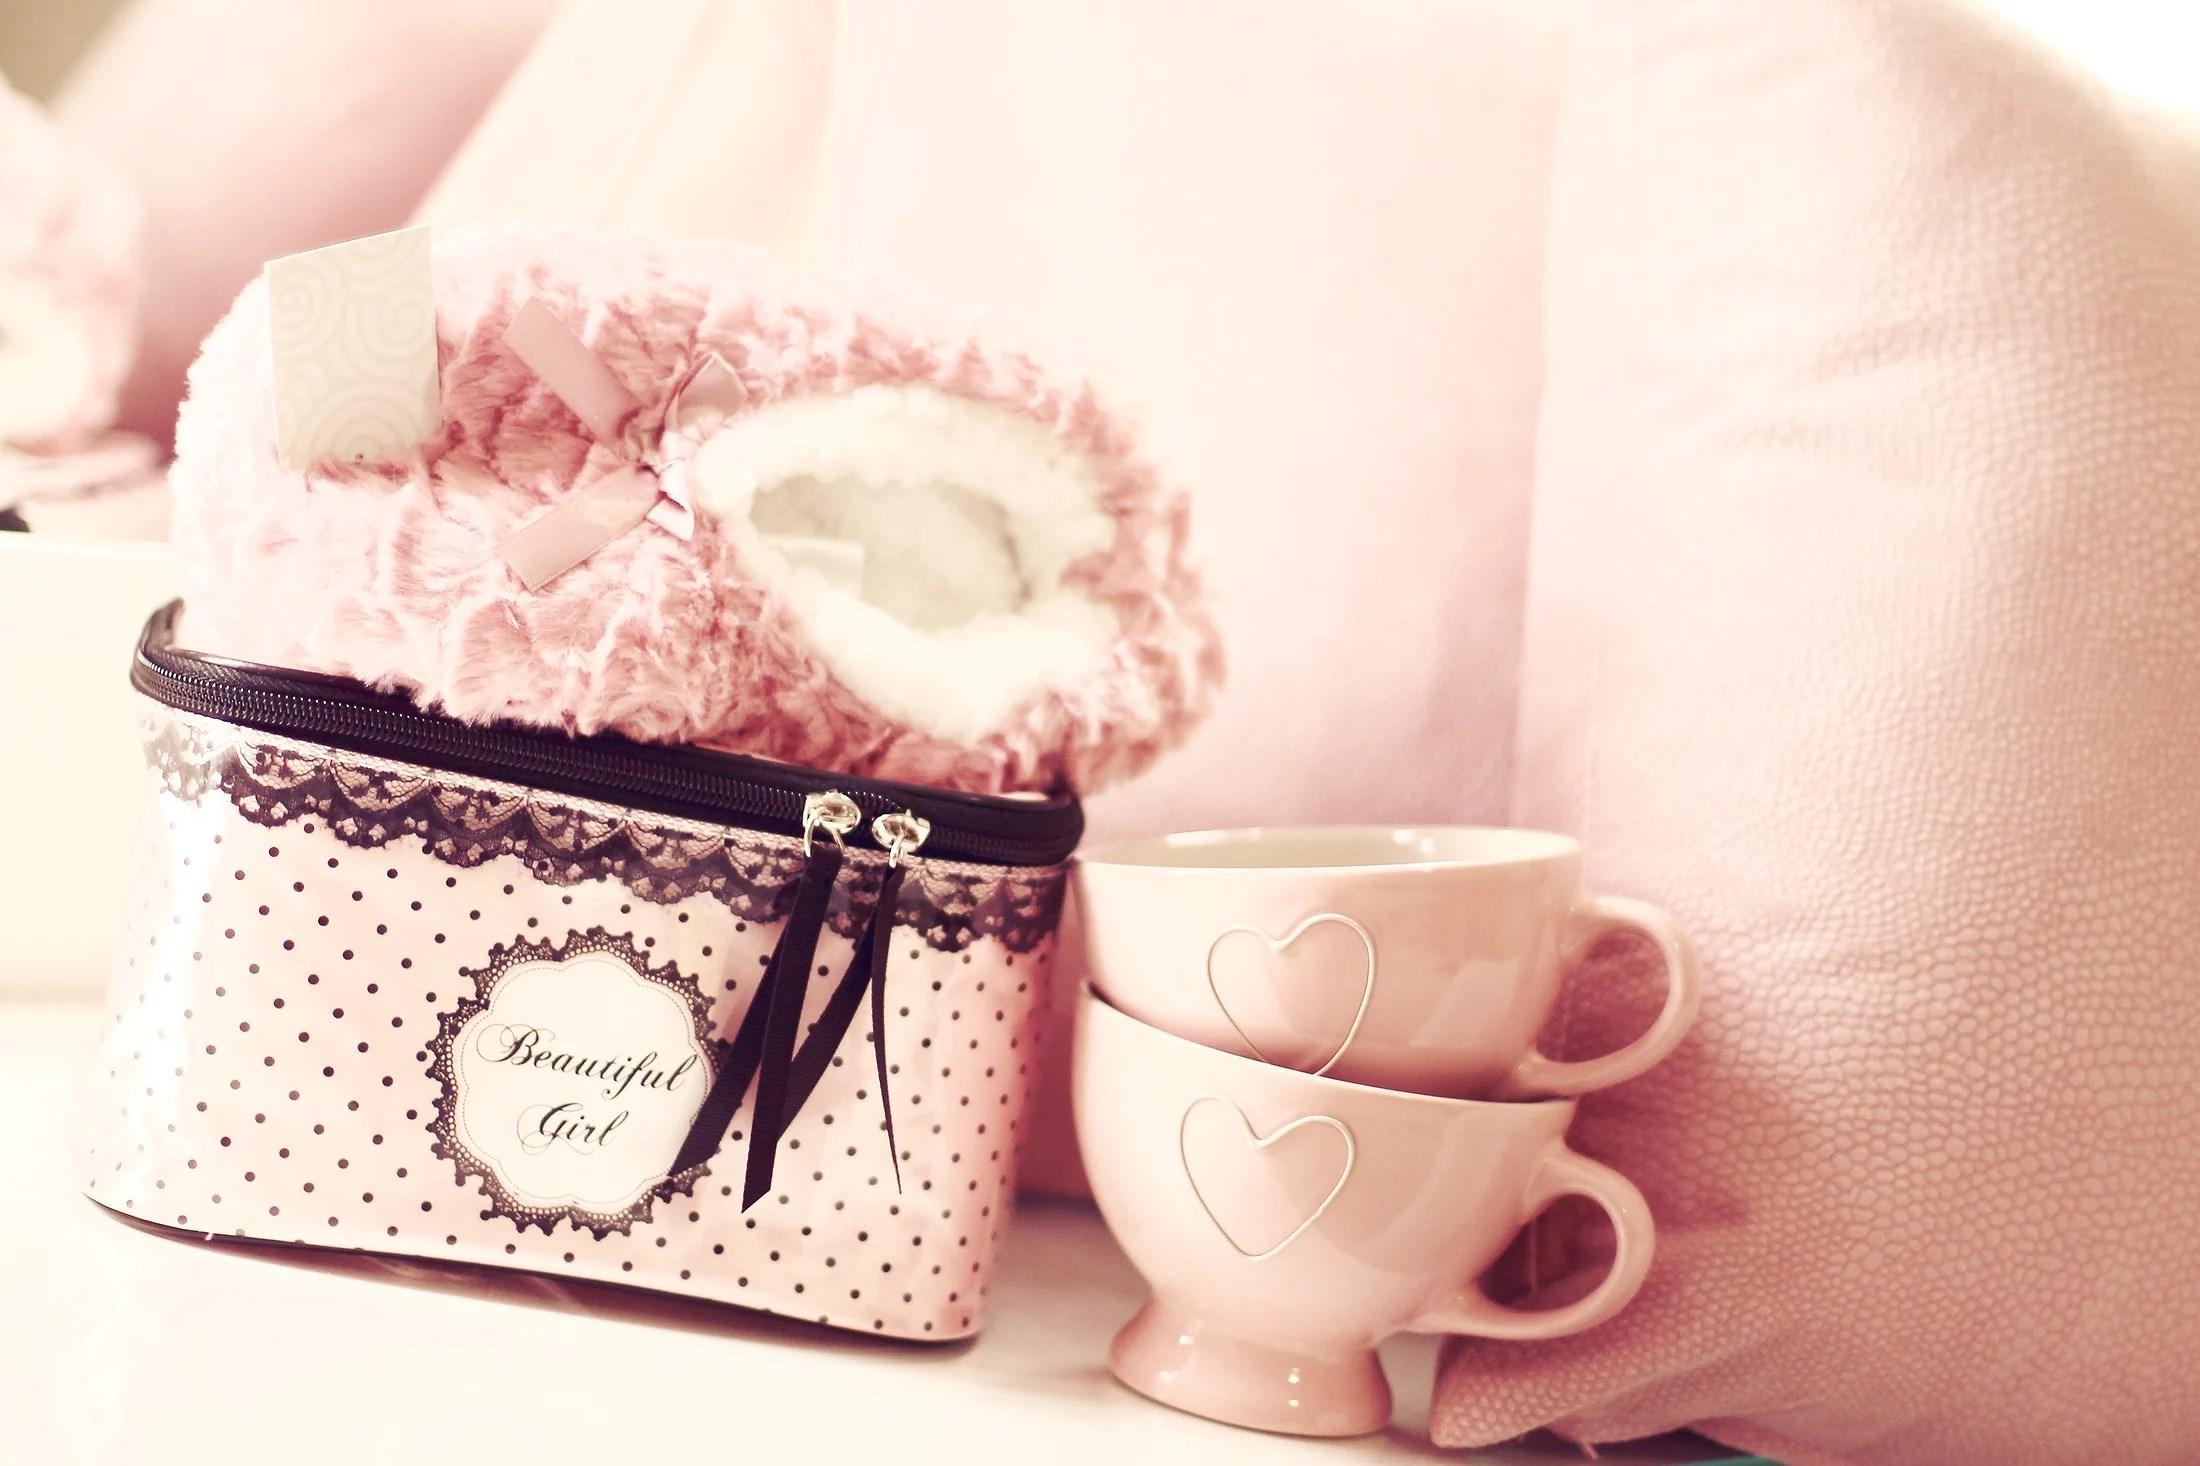 Pink shopping